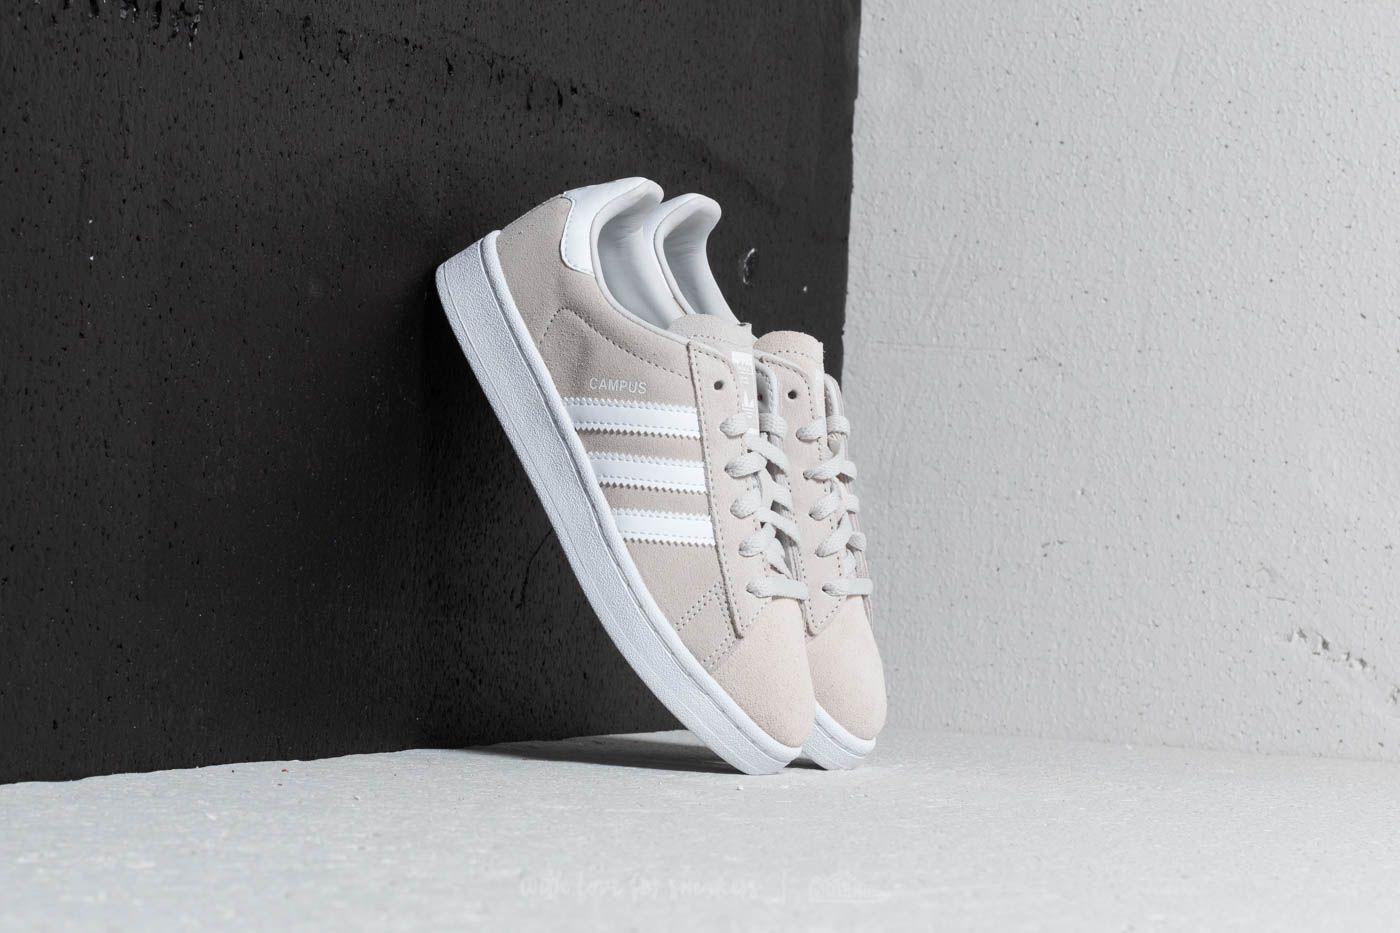 adidas Campus C Grey One/ Ftw White/ Ftw White za skvělou cenu 959 Kč koupíte na Footshop.cz